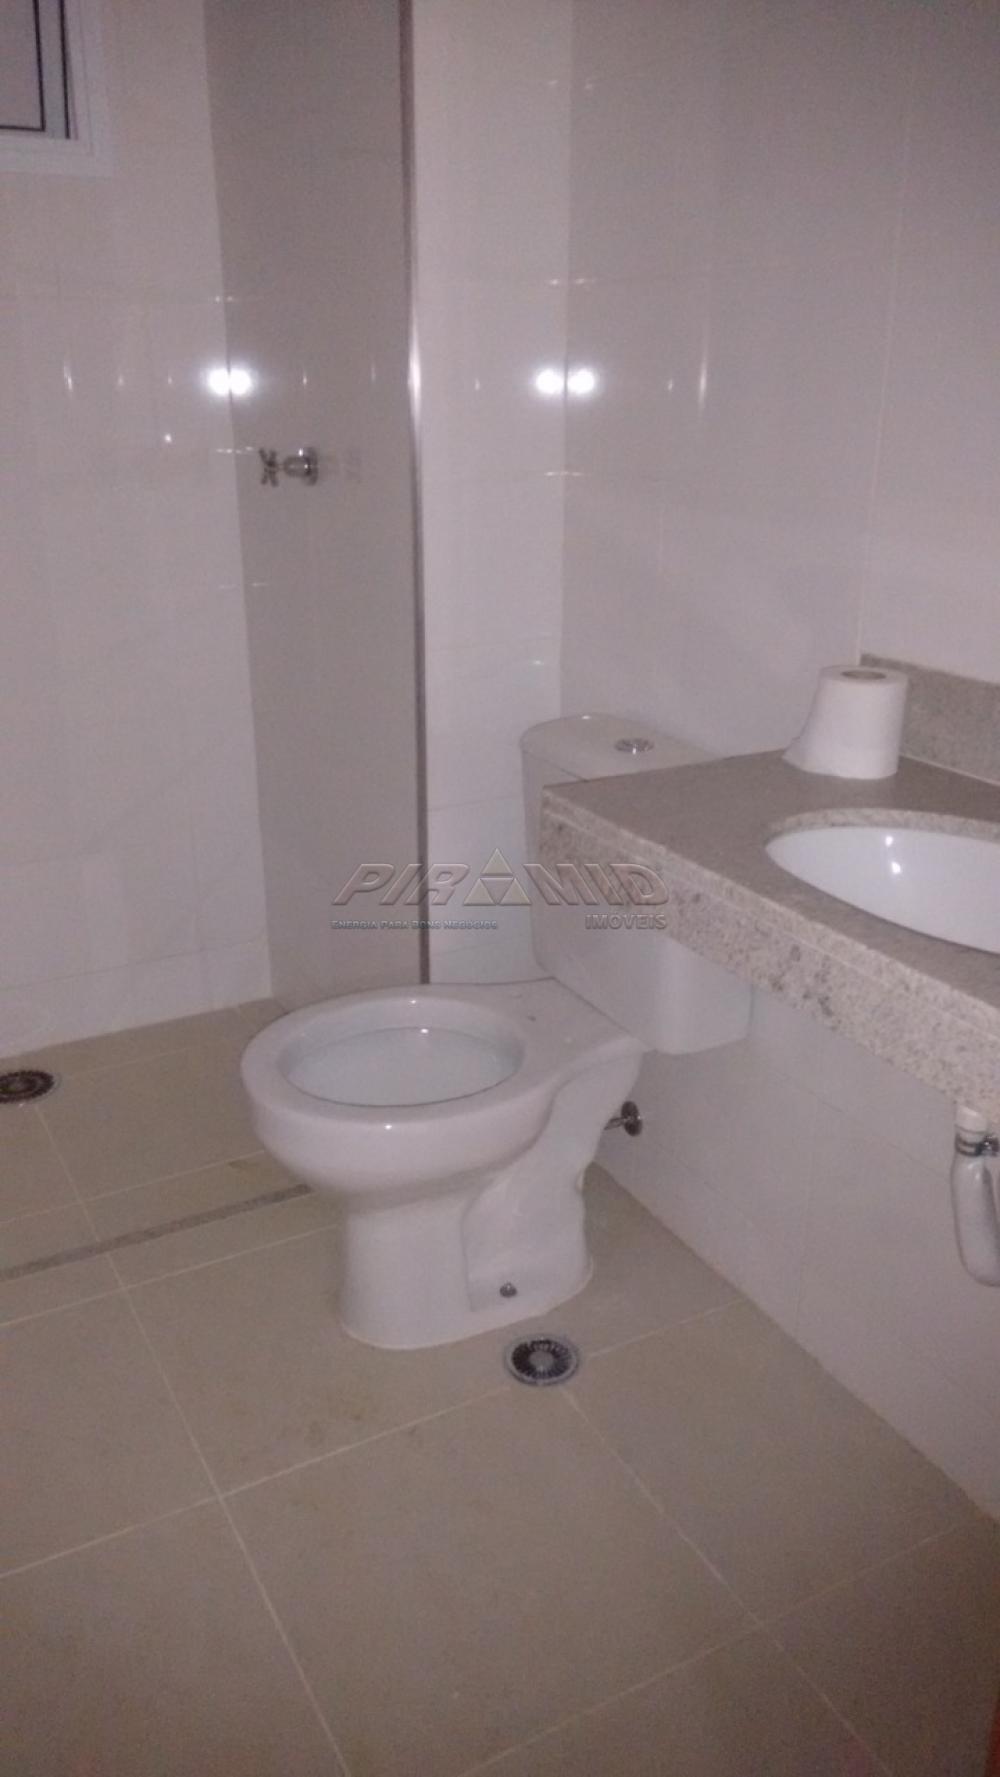 Comprar Apartamento / Padrão em Ribeirão Preto apenas R$ 415.000,00 - Foto 4